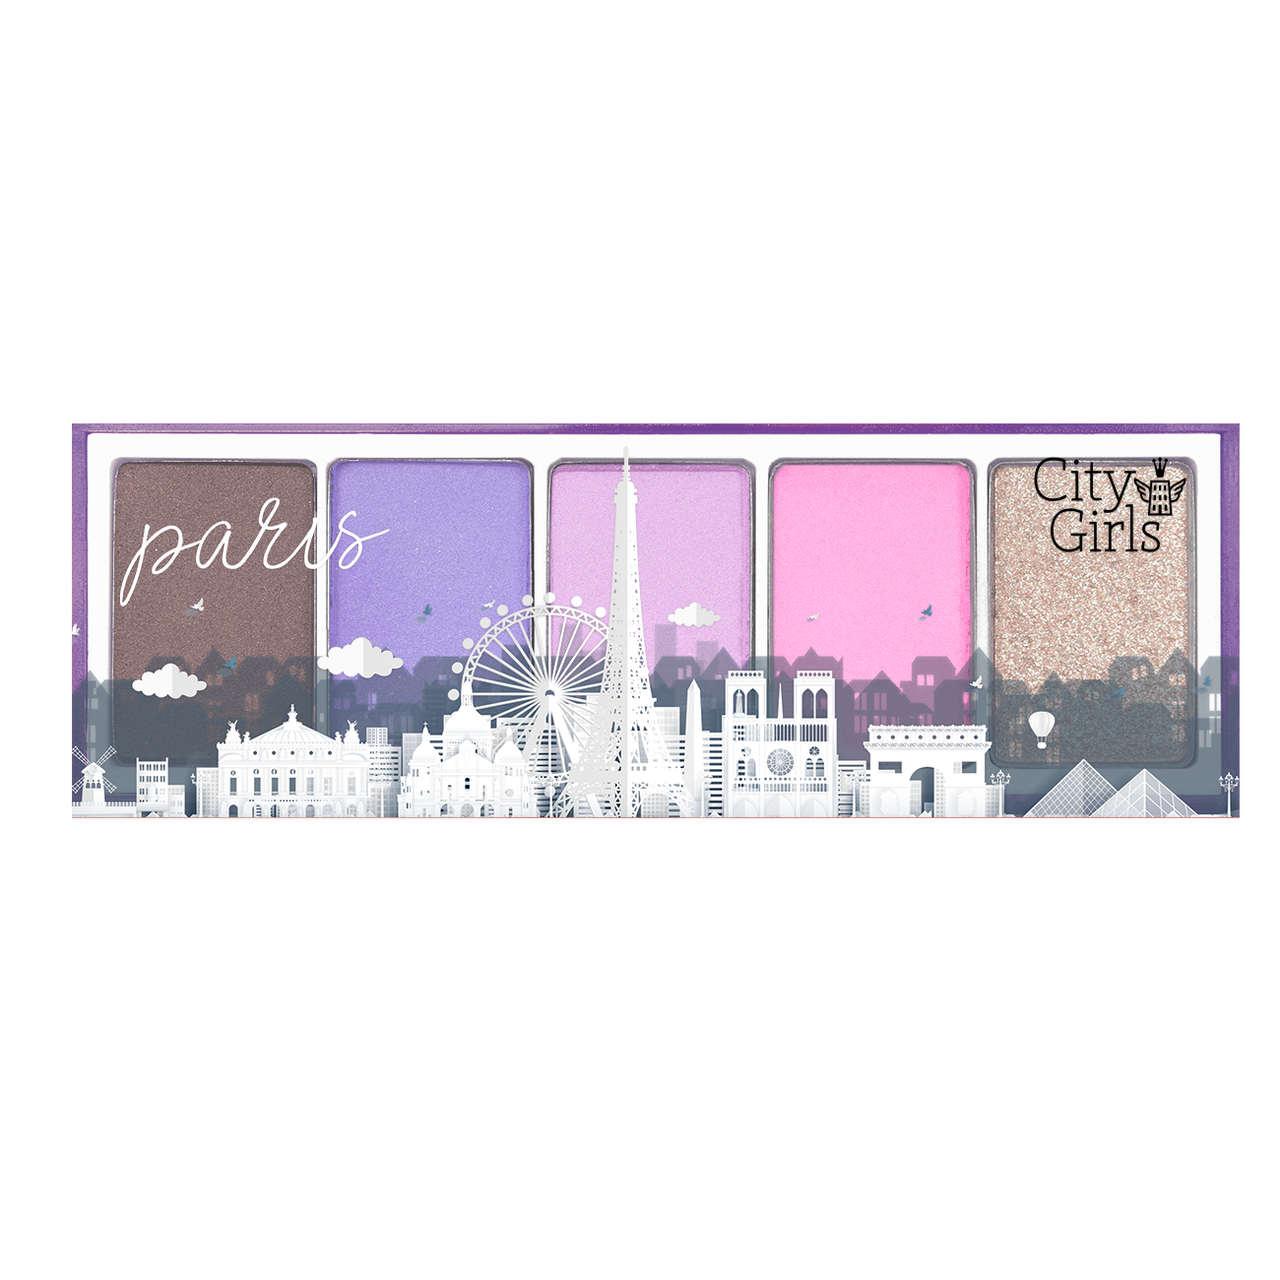 Paleta de Sombras 5 Cores Coleção Mundo Paris / New York City Girls